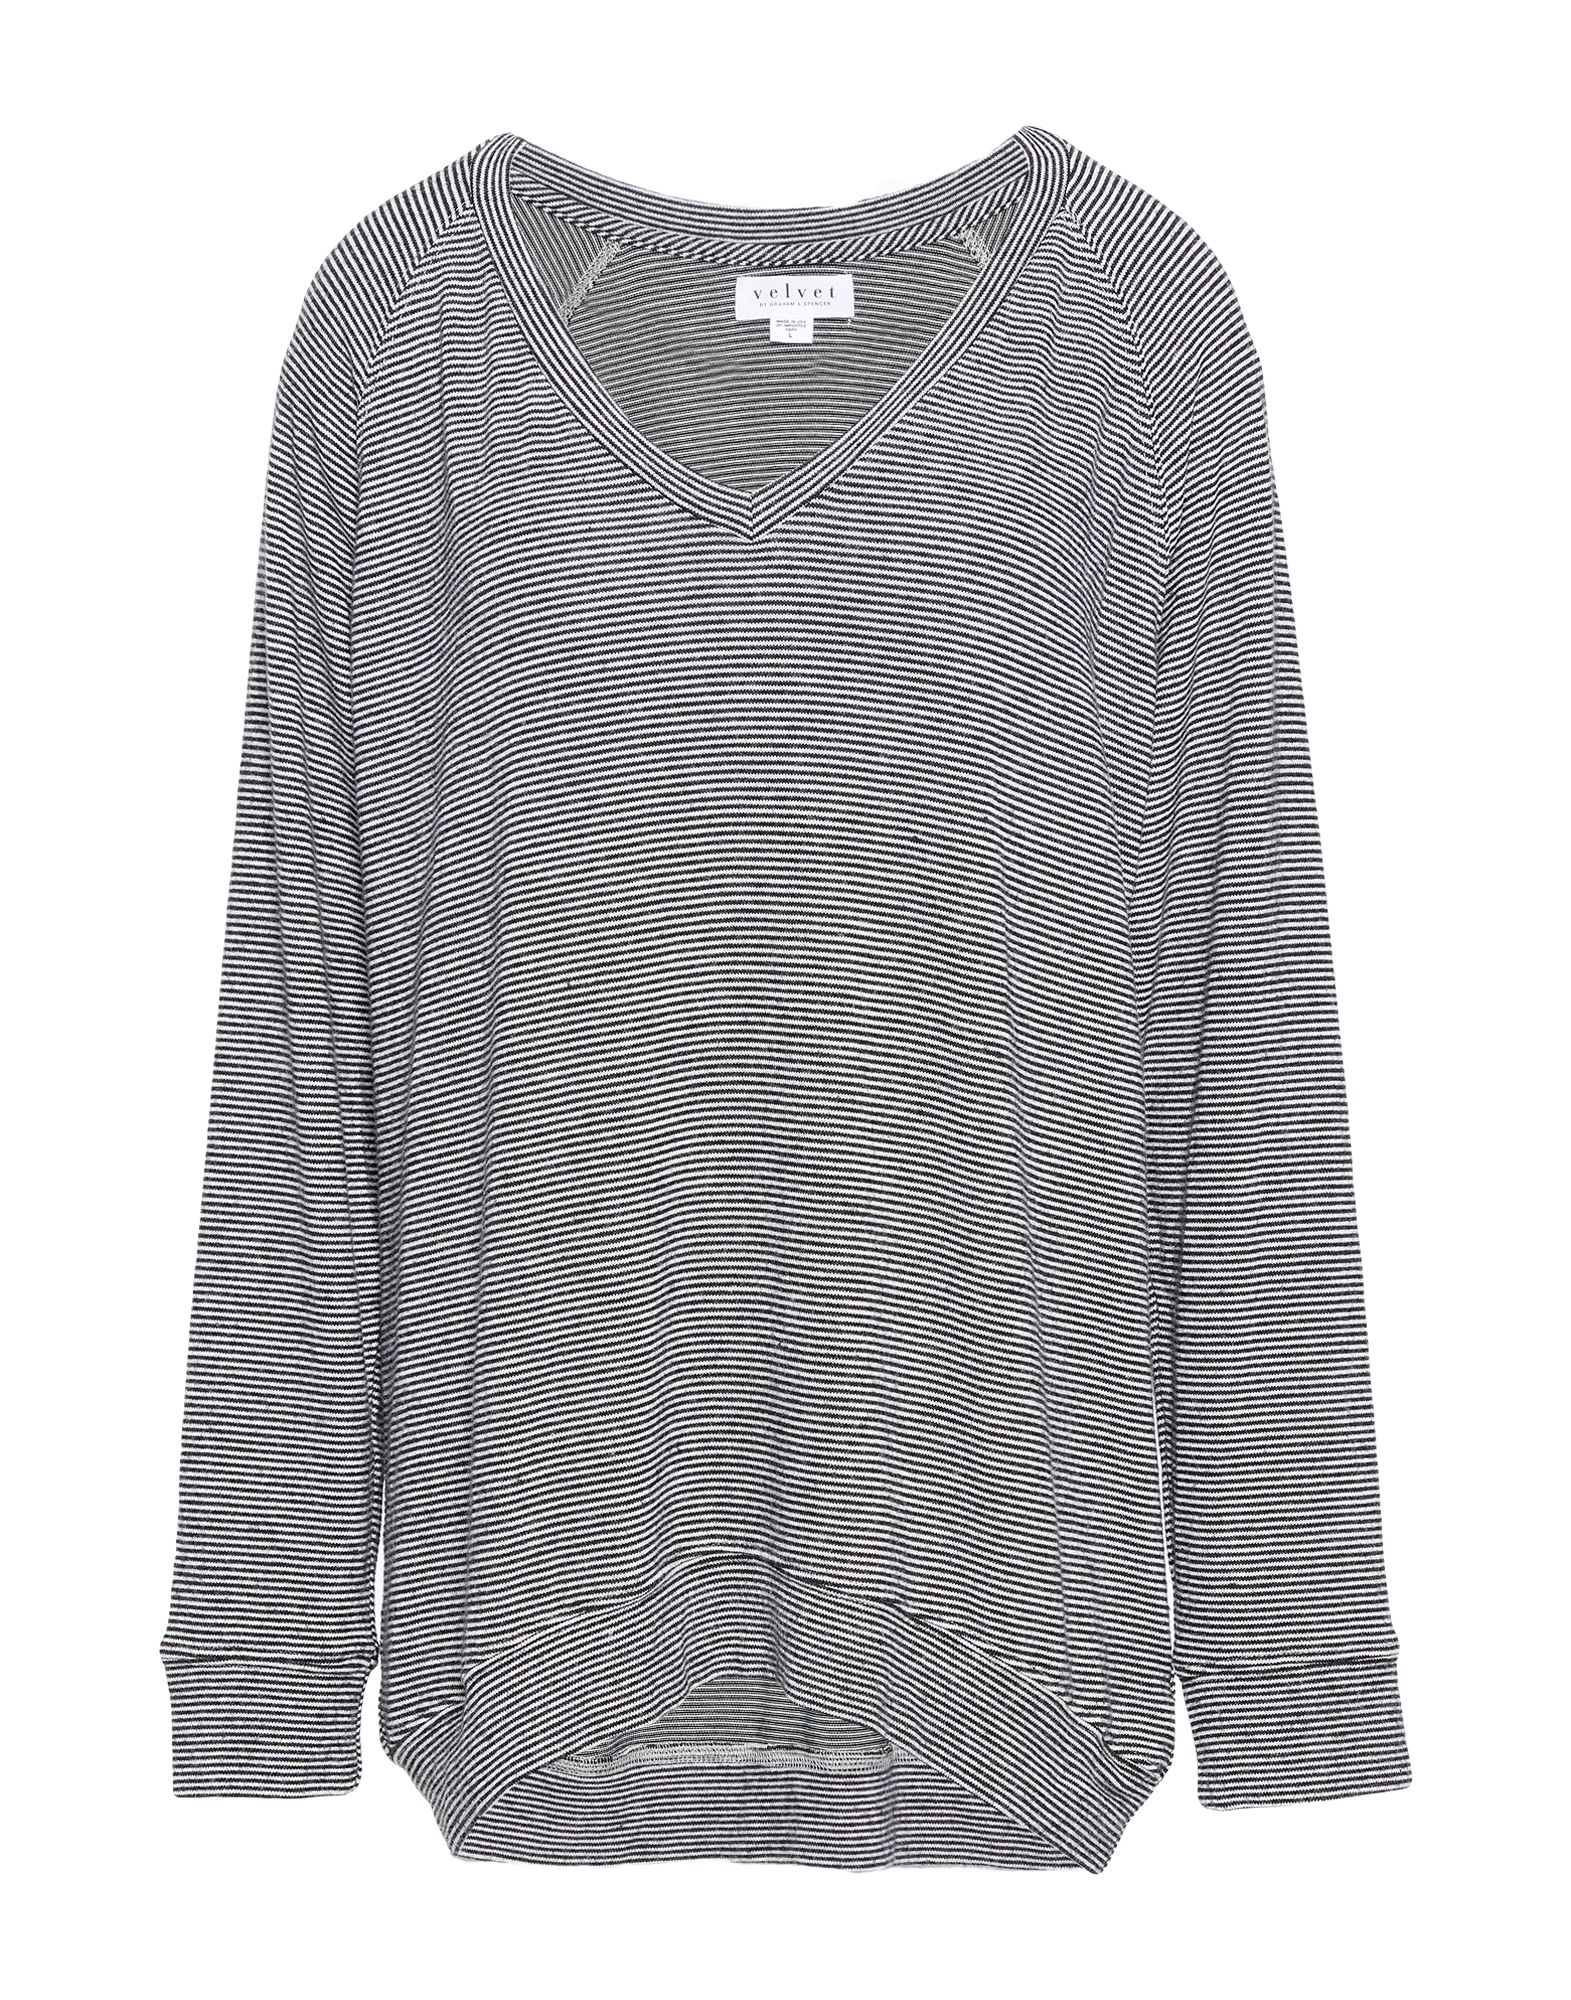 VELVET by GRAHAM & SPENCER Свитер v neck lace trim velvet blouse